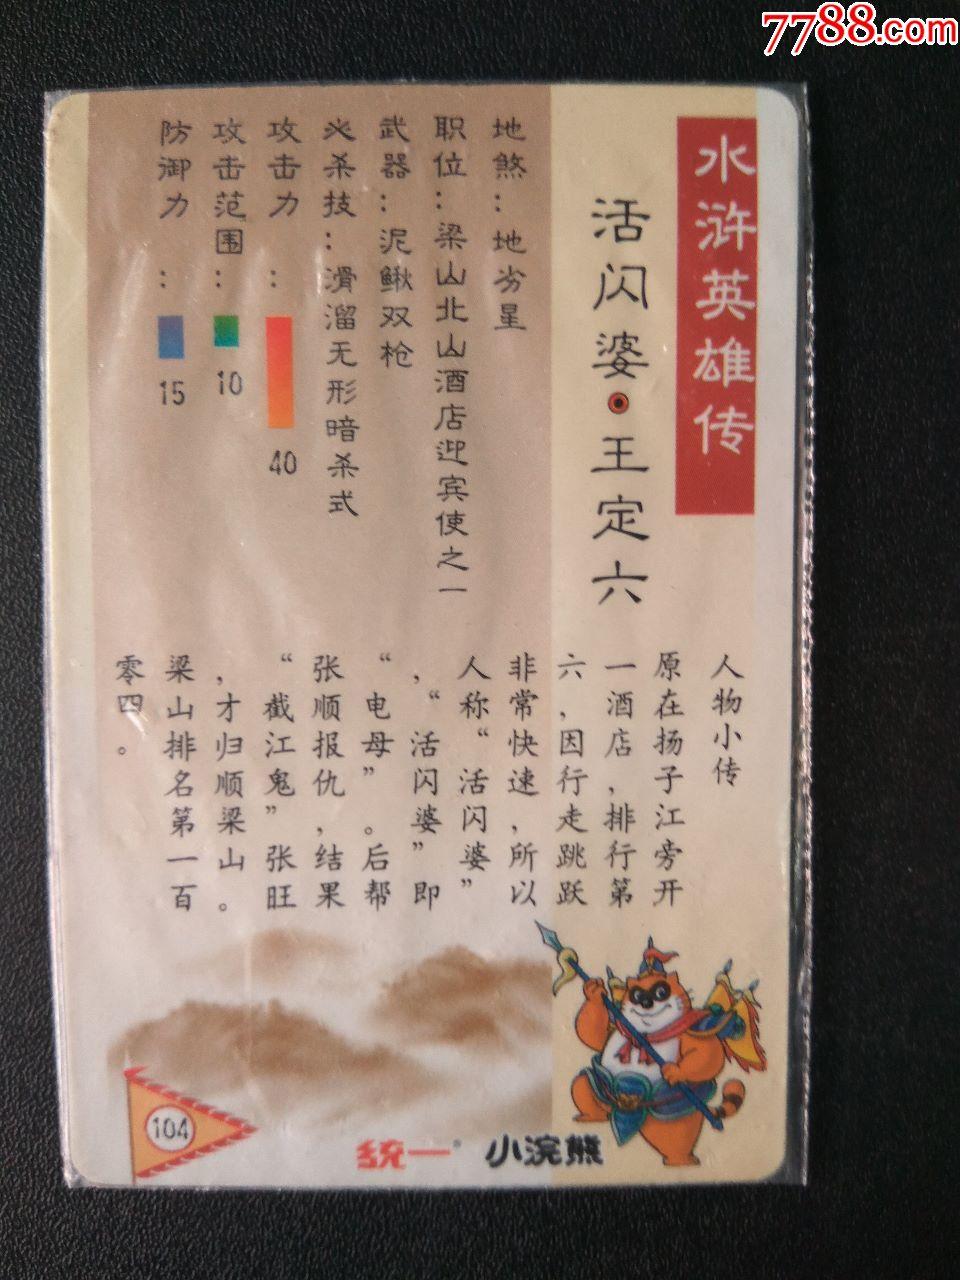 【原袋未拆封】小浣熊水浒闪卡(104)王定六_价格1329元_第2张_